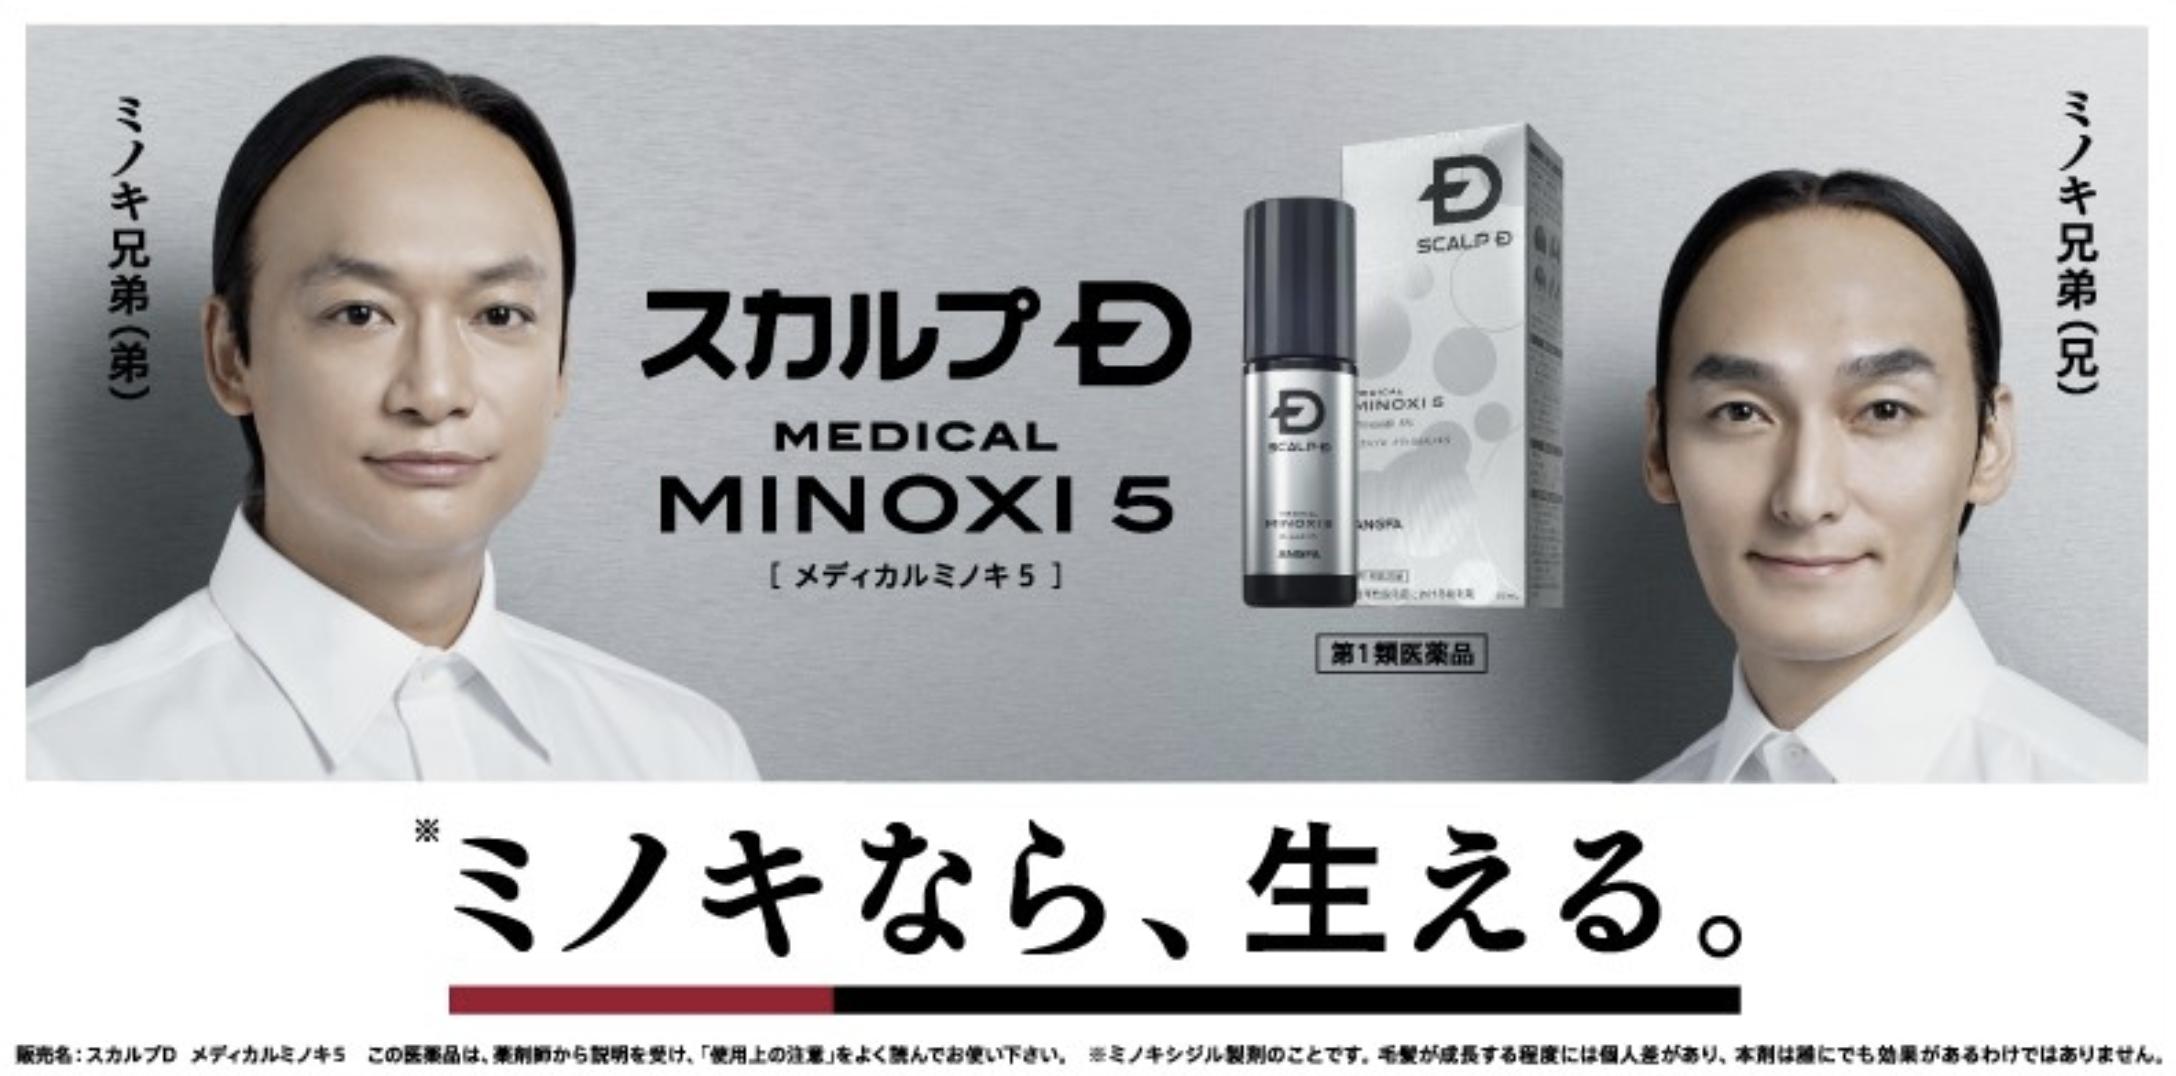 草薙(なぎ)剛の薄毛事情!髪の復活理由はカツラ・植毛・AGA治療?